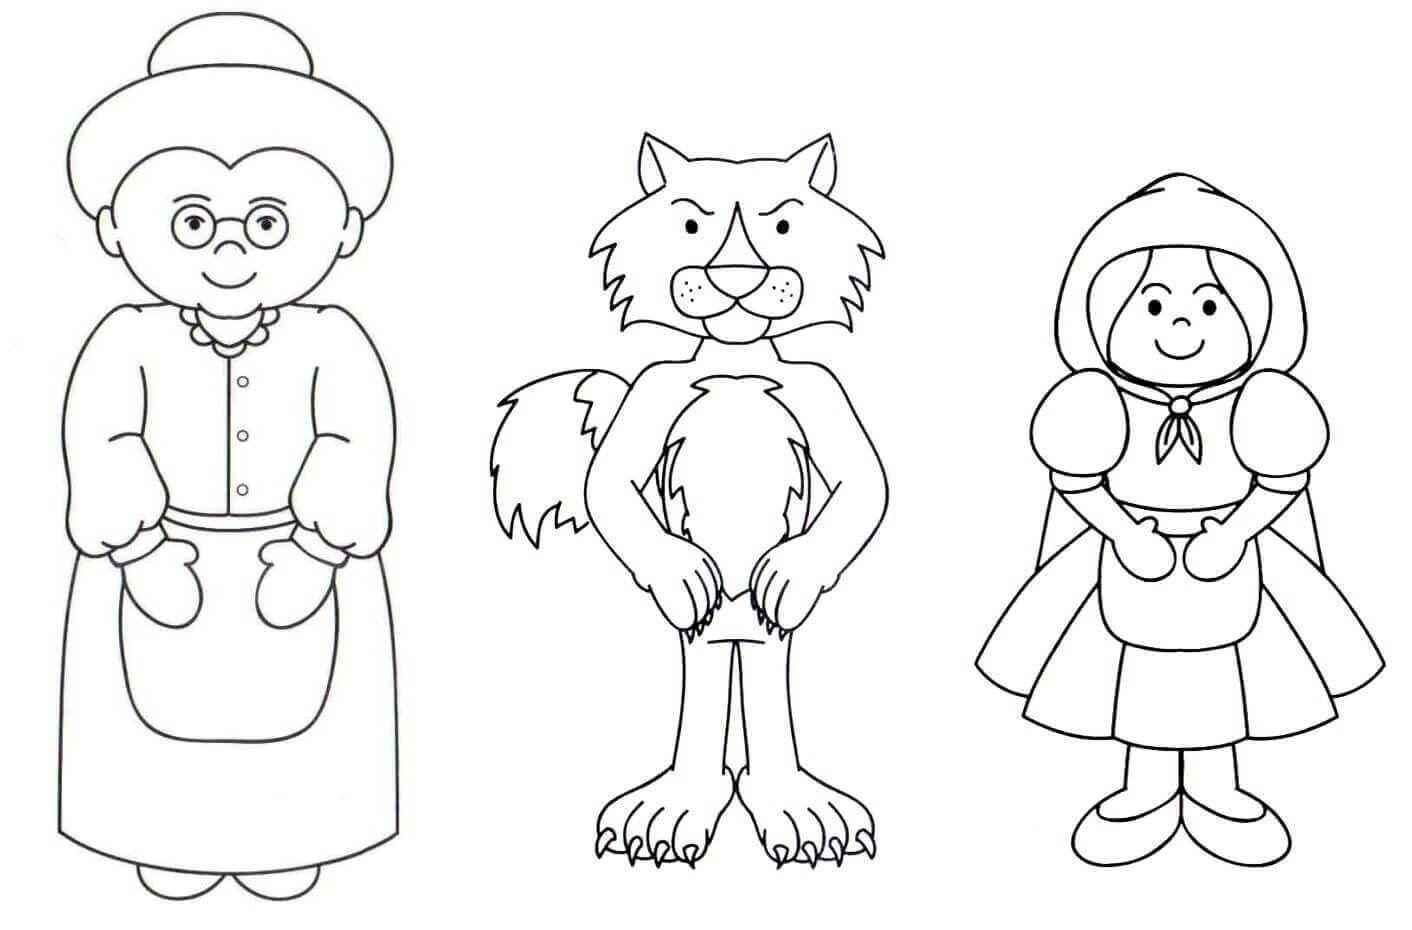 Manualidades Caperucita Y El Lobo Buscar Con Google Caperucita Roja Dibujo Caperucita Roja Abuelita De Caperucita Roja